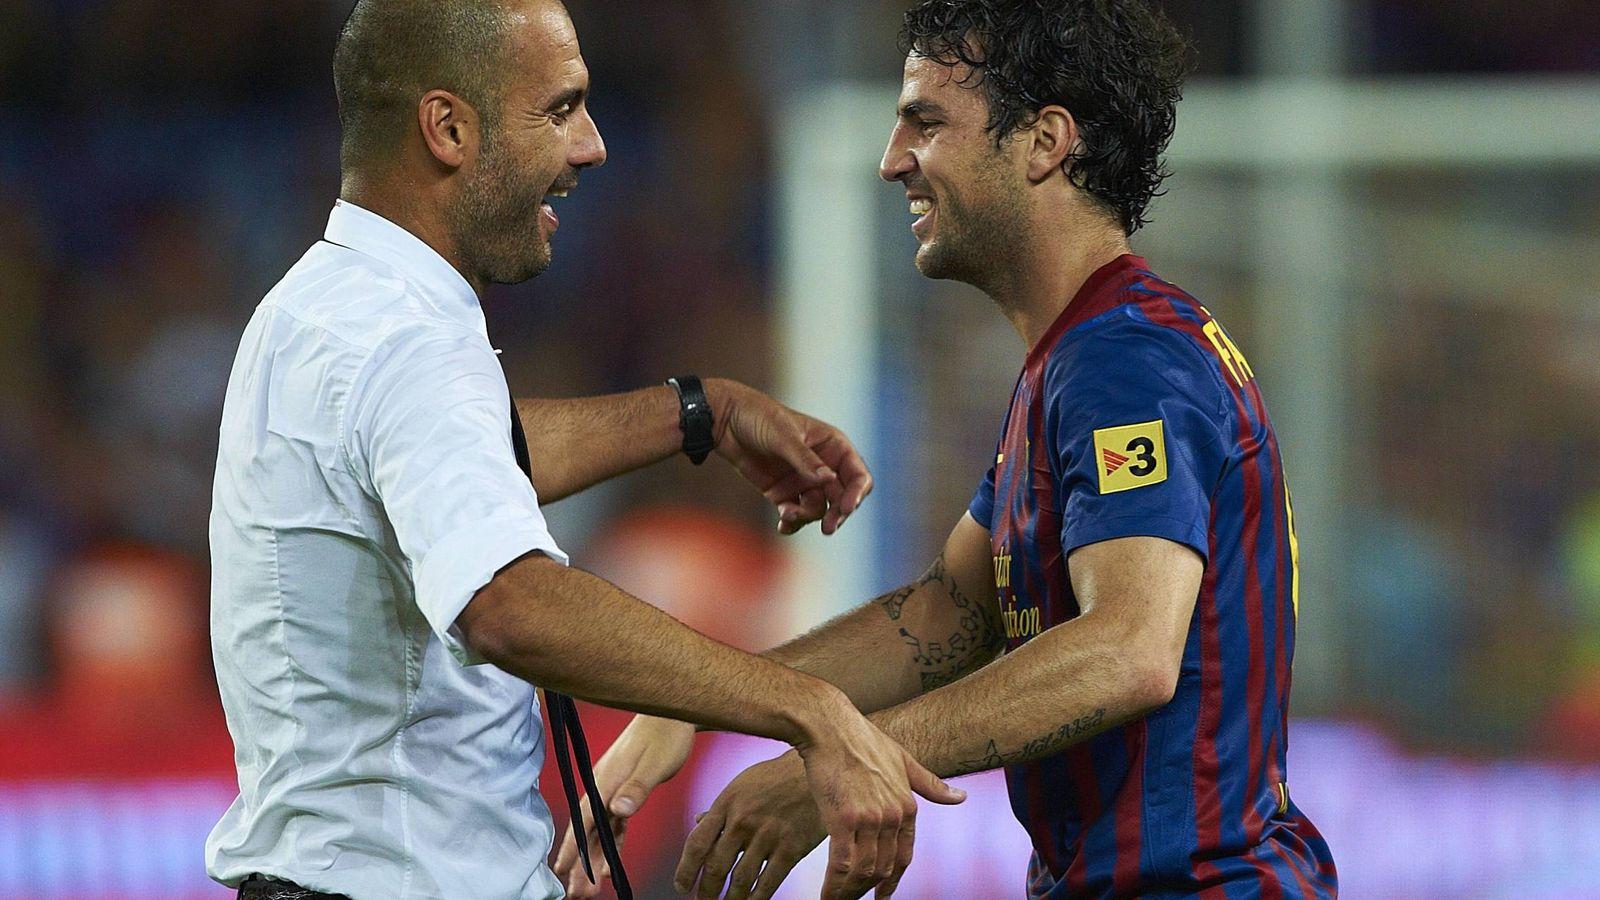 Foto: Pep Guardiola y Cesc Fábregas, durante su etapa en el Barcelona. (Imago)